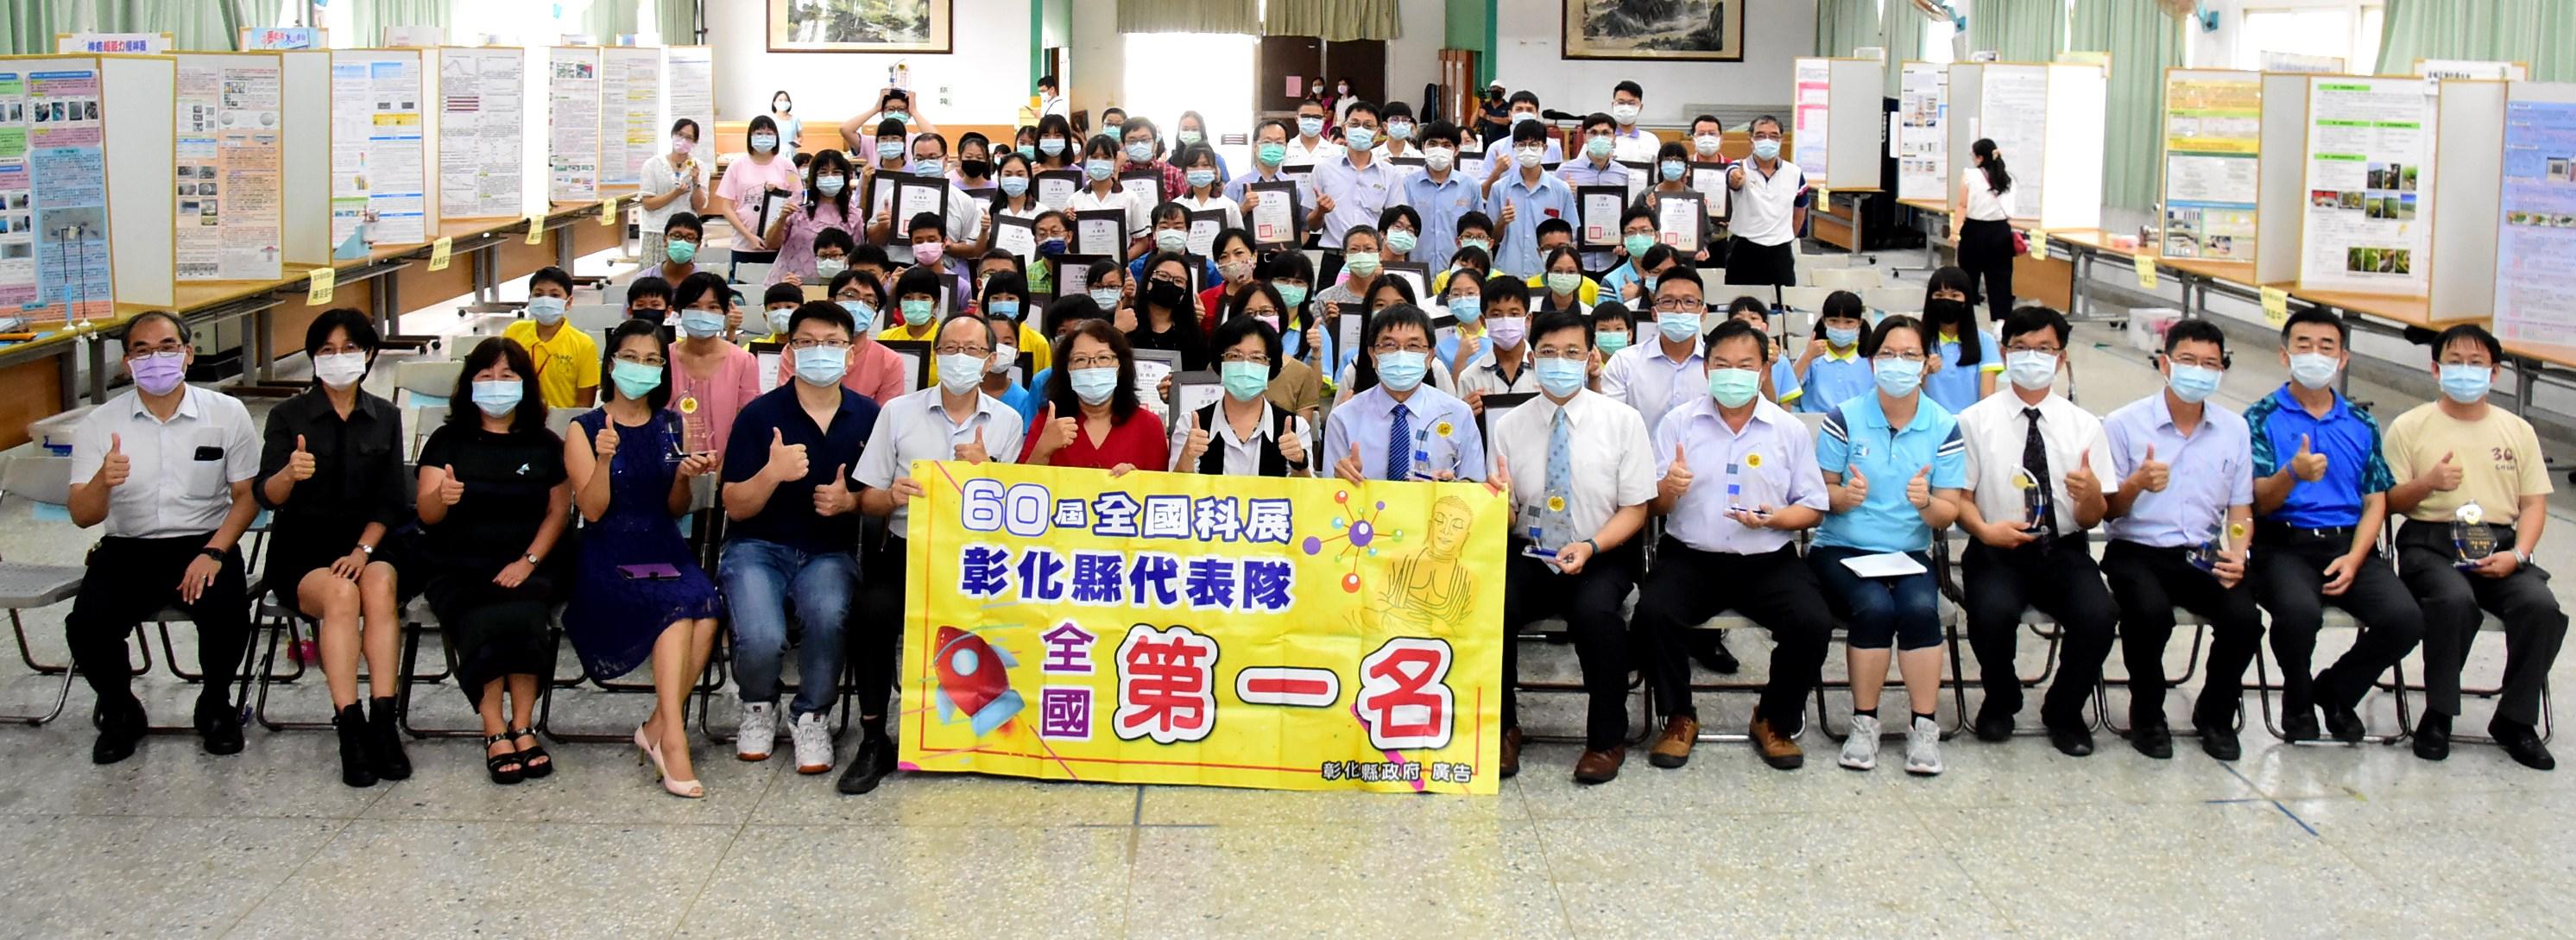 中華民國第60屆中小學科學展覽會全國賽 彰化縣摘下縣市團體總成績第一名 稱霸全國